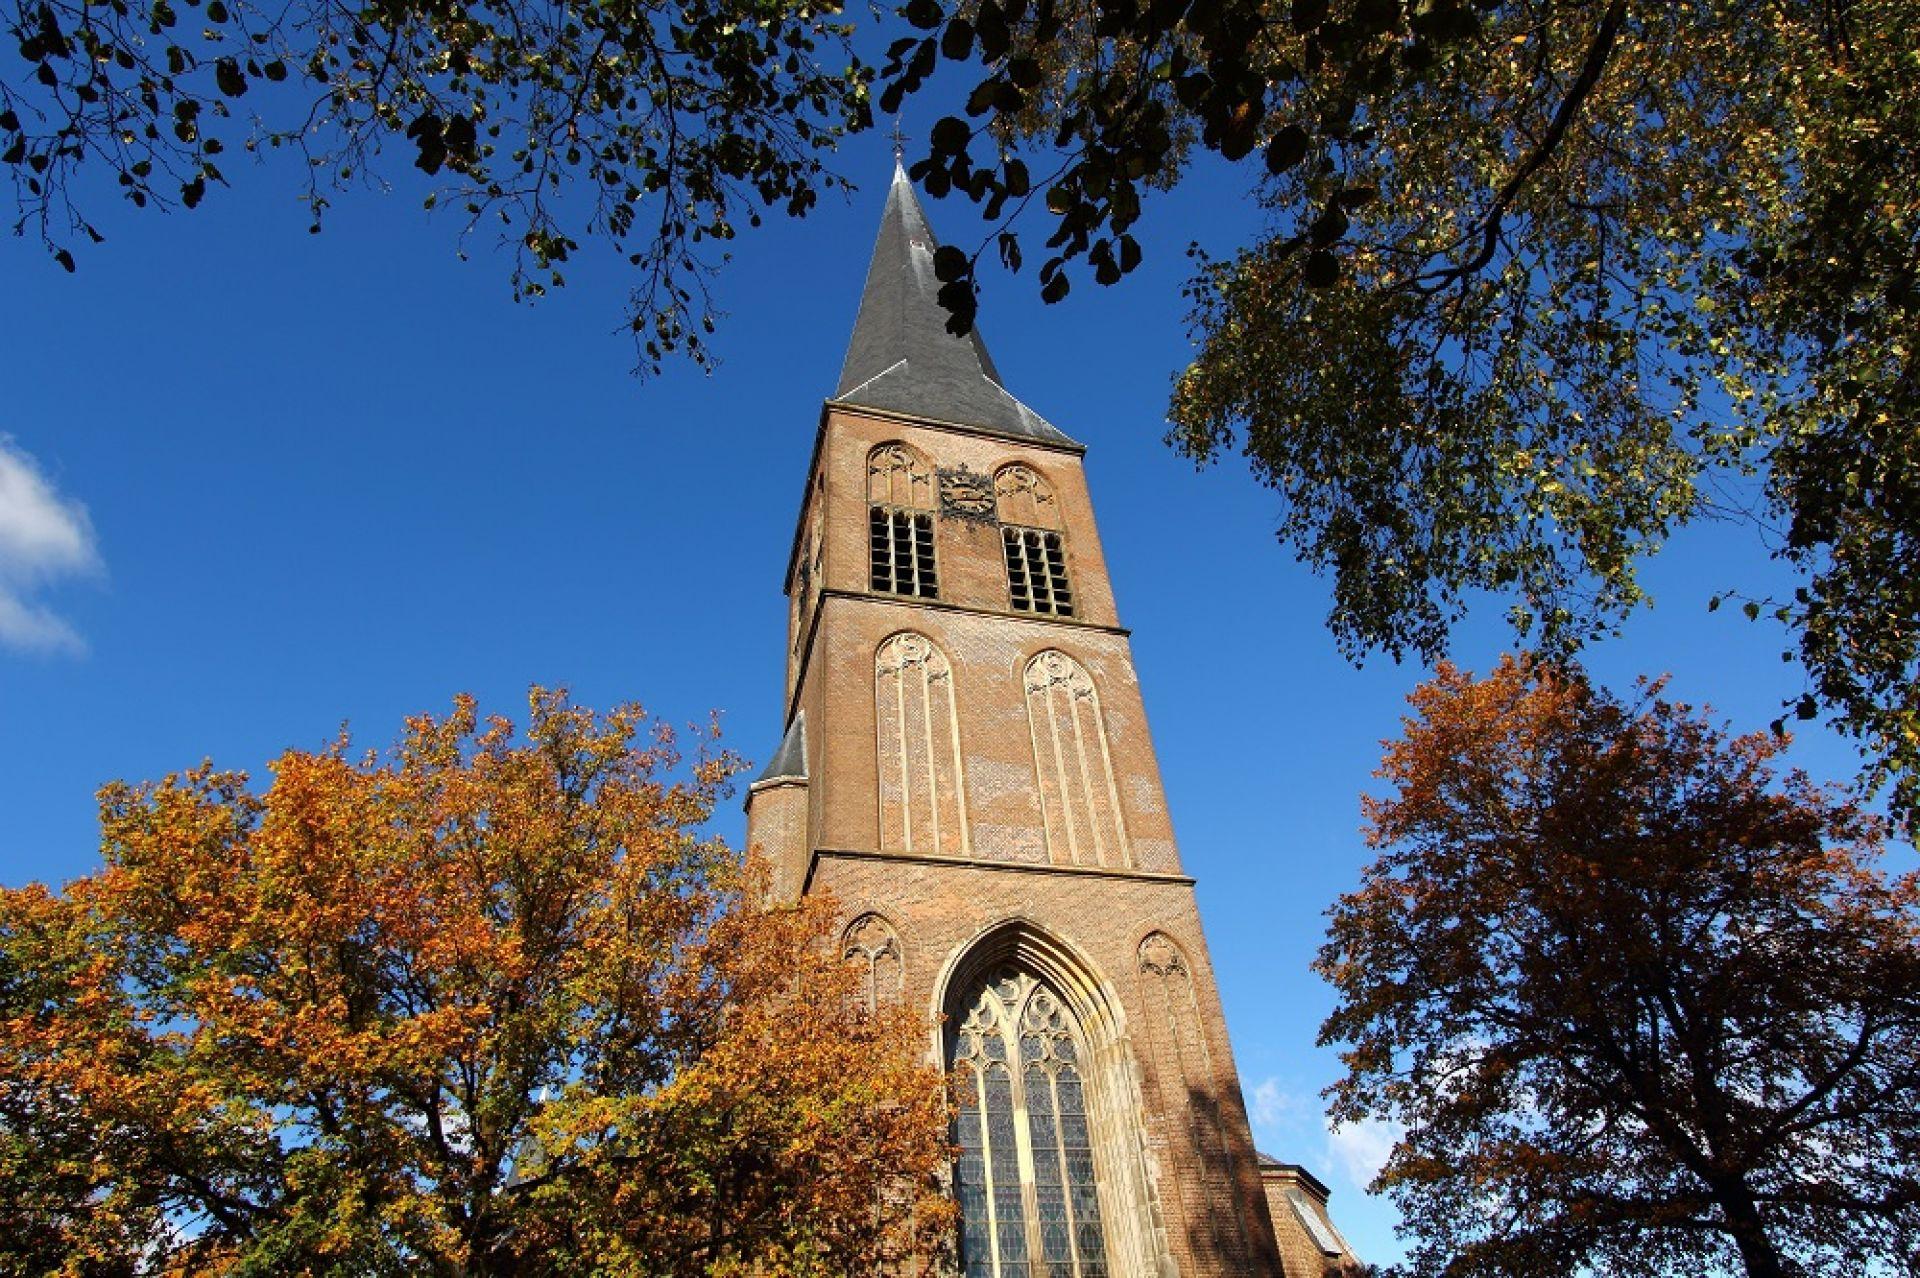 Rondleidingen op Rooms Katholiek kerkhof in Delden